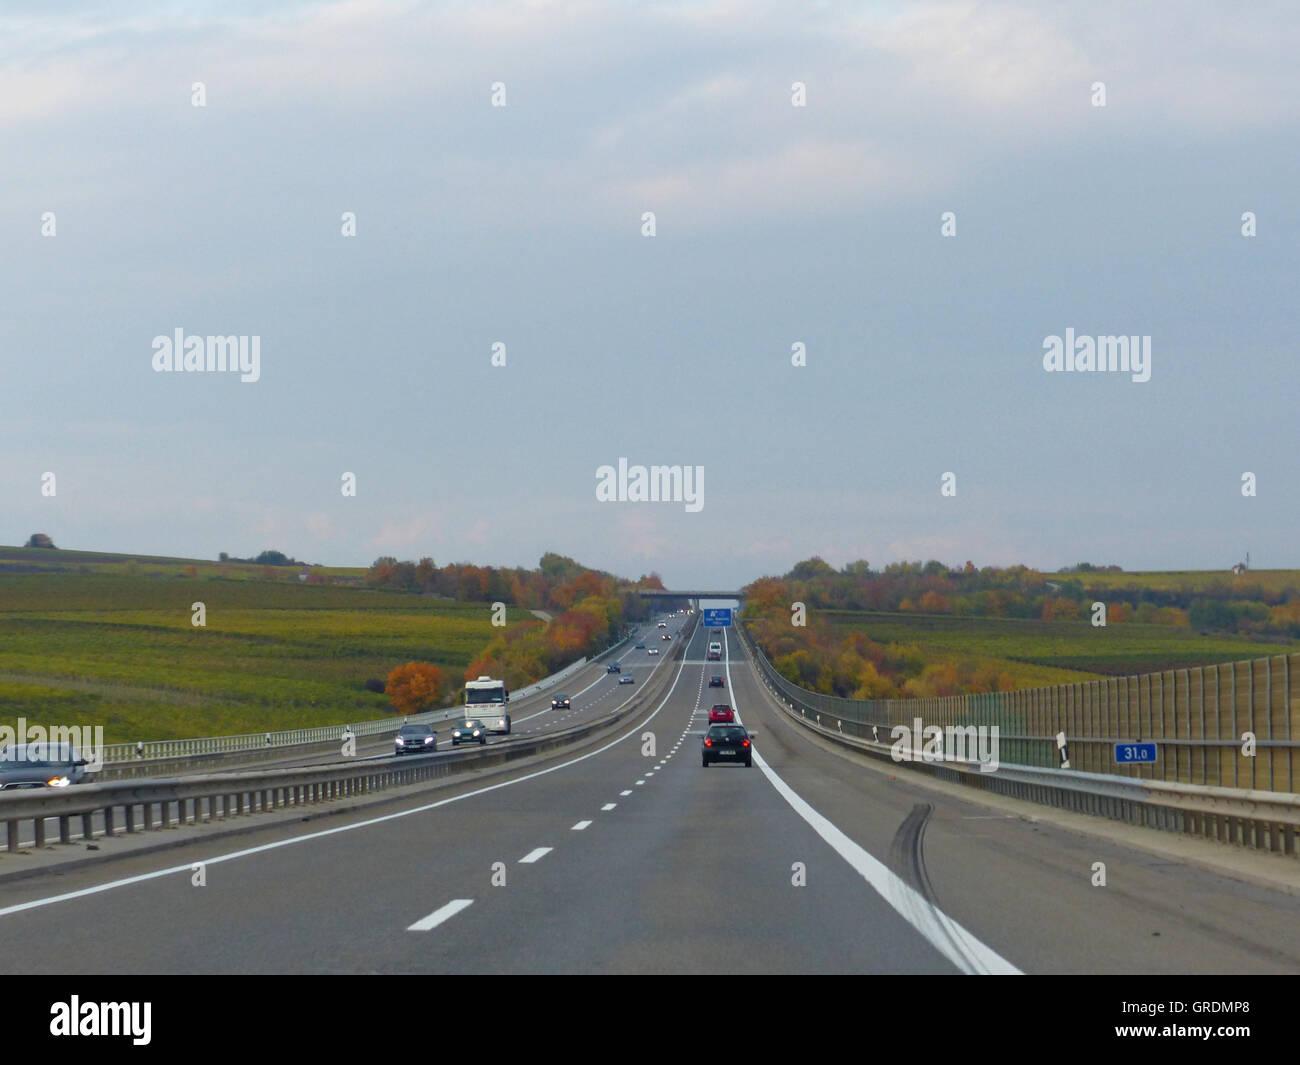 L'Autoroute, marques de dérapage Photo Stock